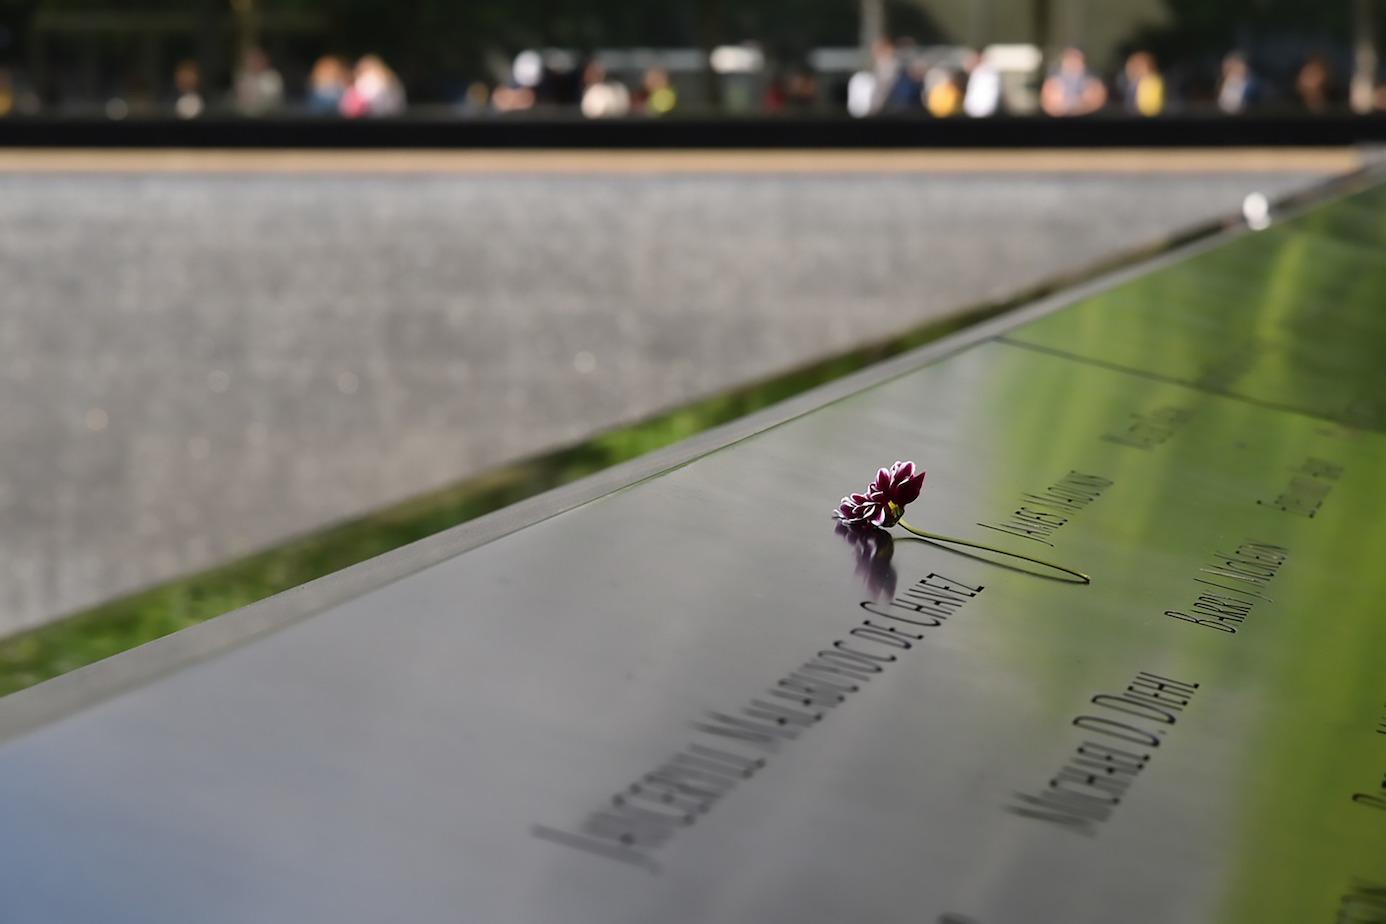 Da, wo früher das World Trade Center stand, wurden ein Museum und eine Gedenkstätte errichtet. Foto: Mega27/pixabay.com